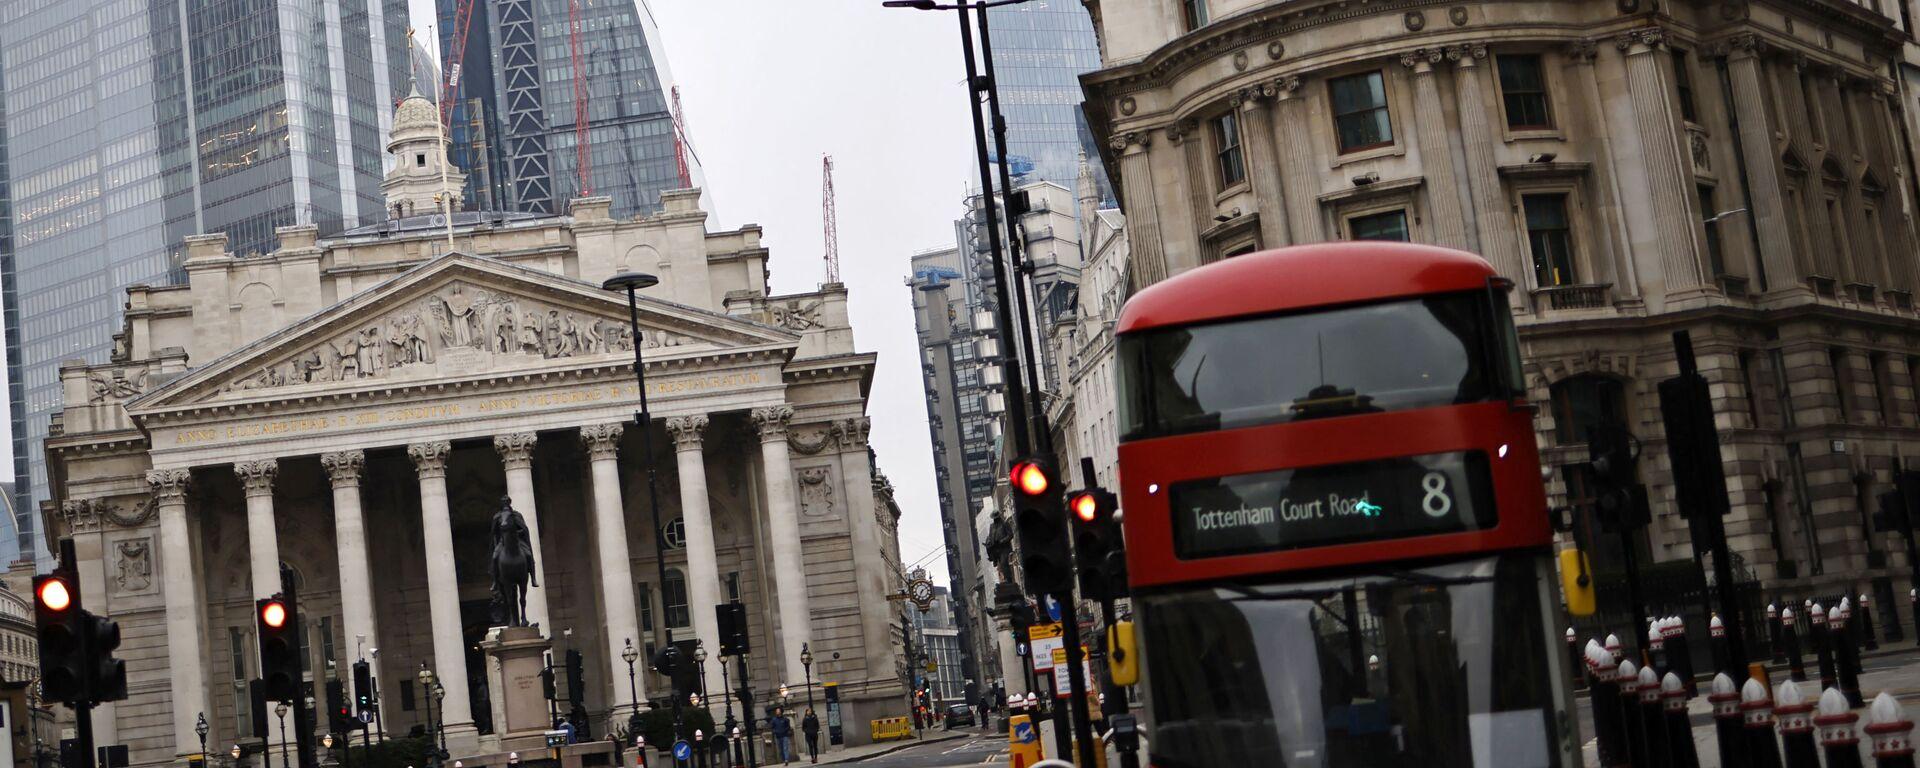 Лондон. Королевский банк и лондонская биржа - Sputnik Грузия, 1920, 06.08.2021